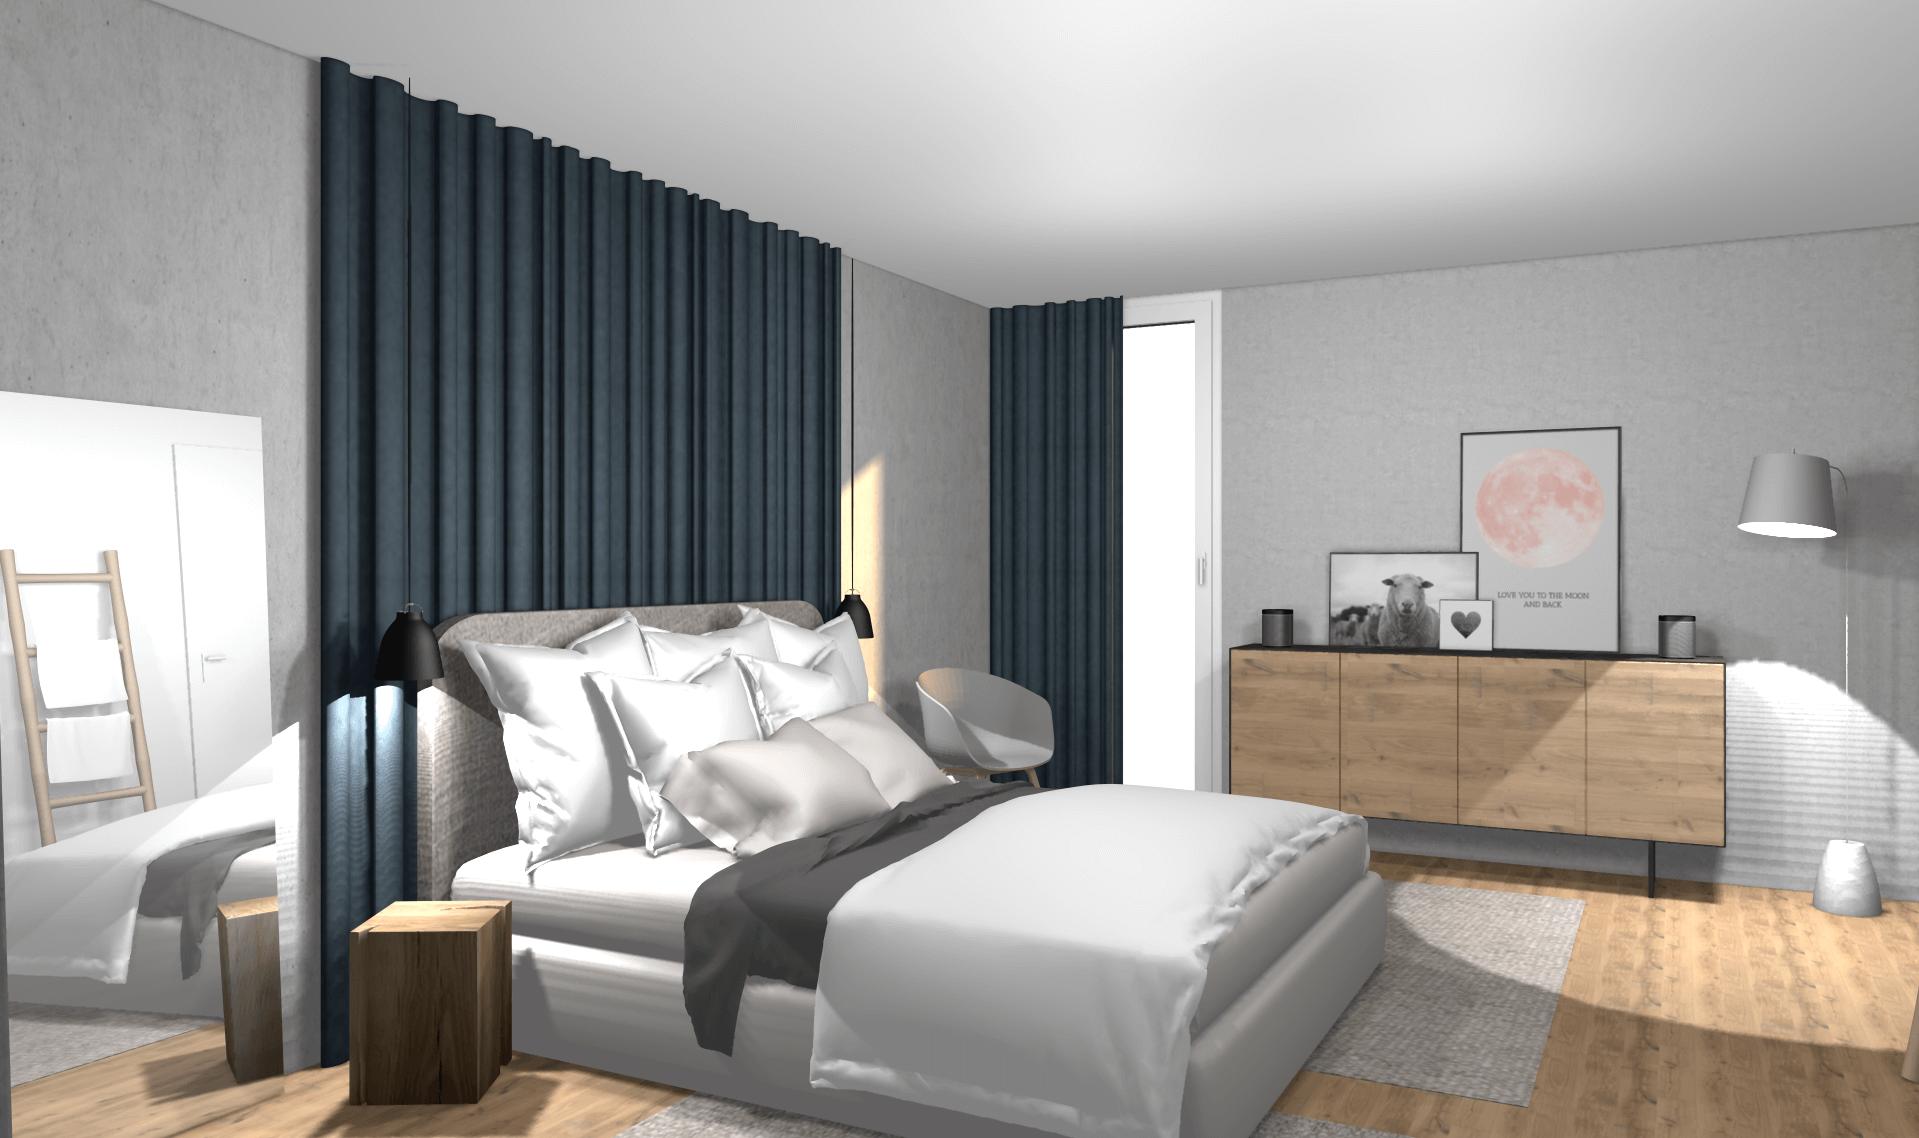 stylisches schlafzimmer konzept mit kleinem budget von wohnly. Black Bedroom Furniture Sets. Home Design Ideas